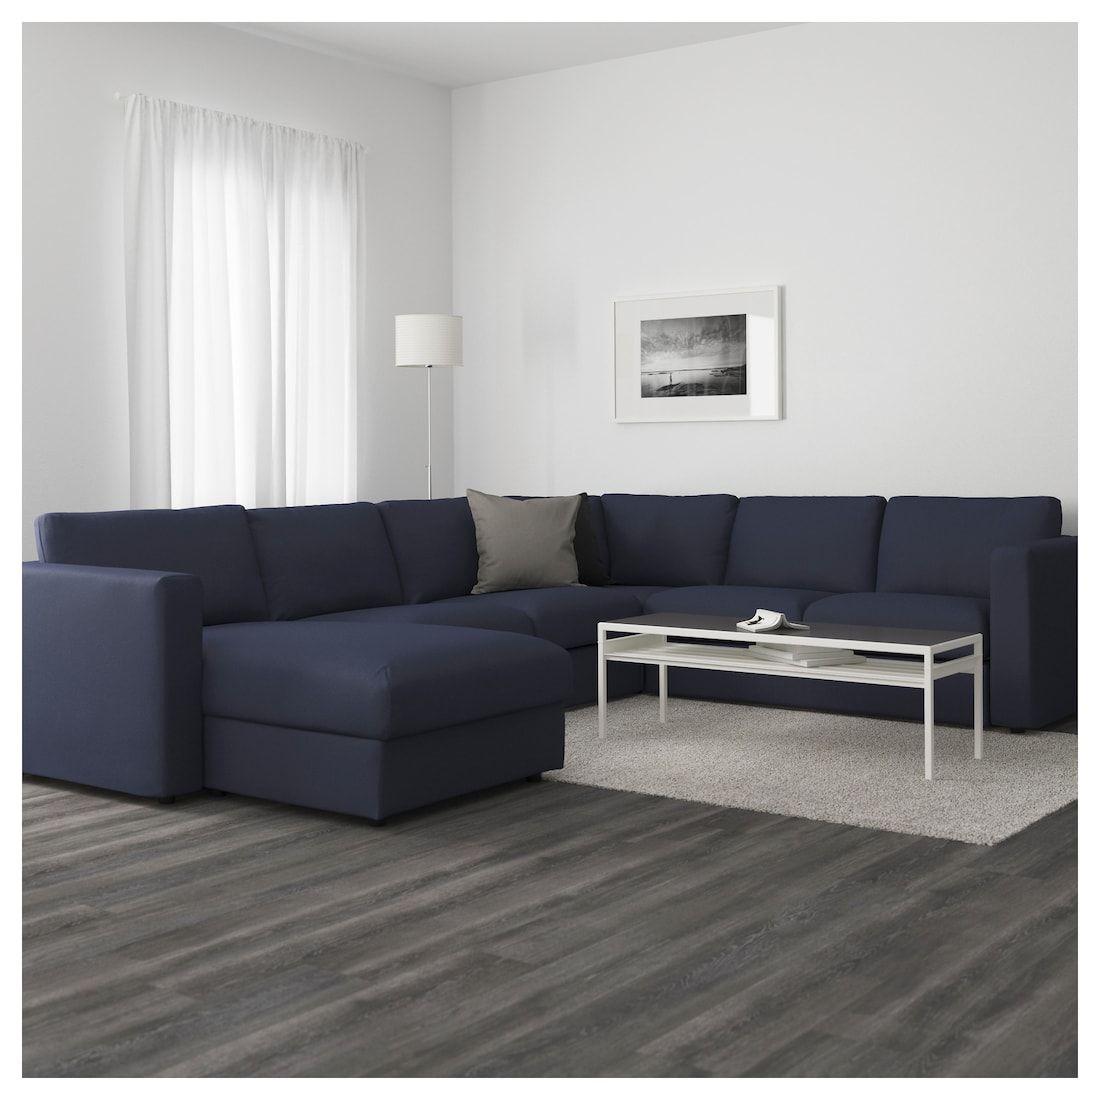 Vimle Sectional 5 Seat Corner With Chaise Orrsta Black Blue Meubles De Salon Modernes Mobilier De Salon Canape Angle